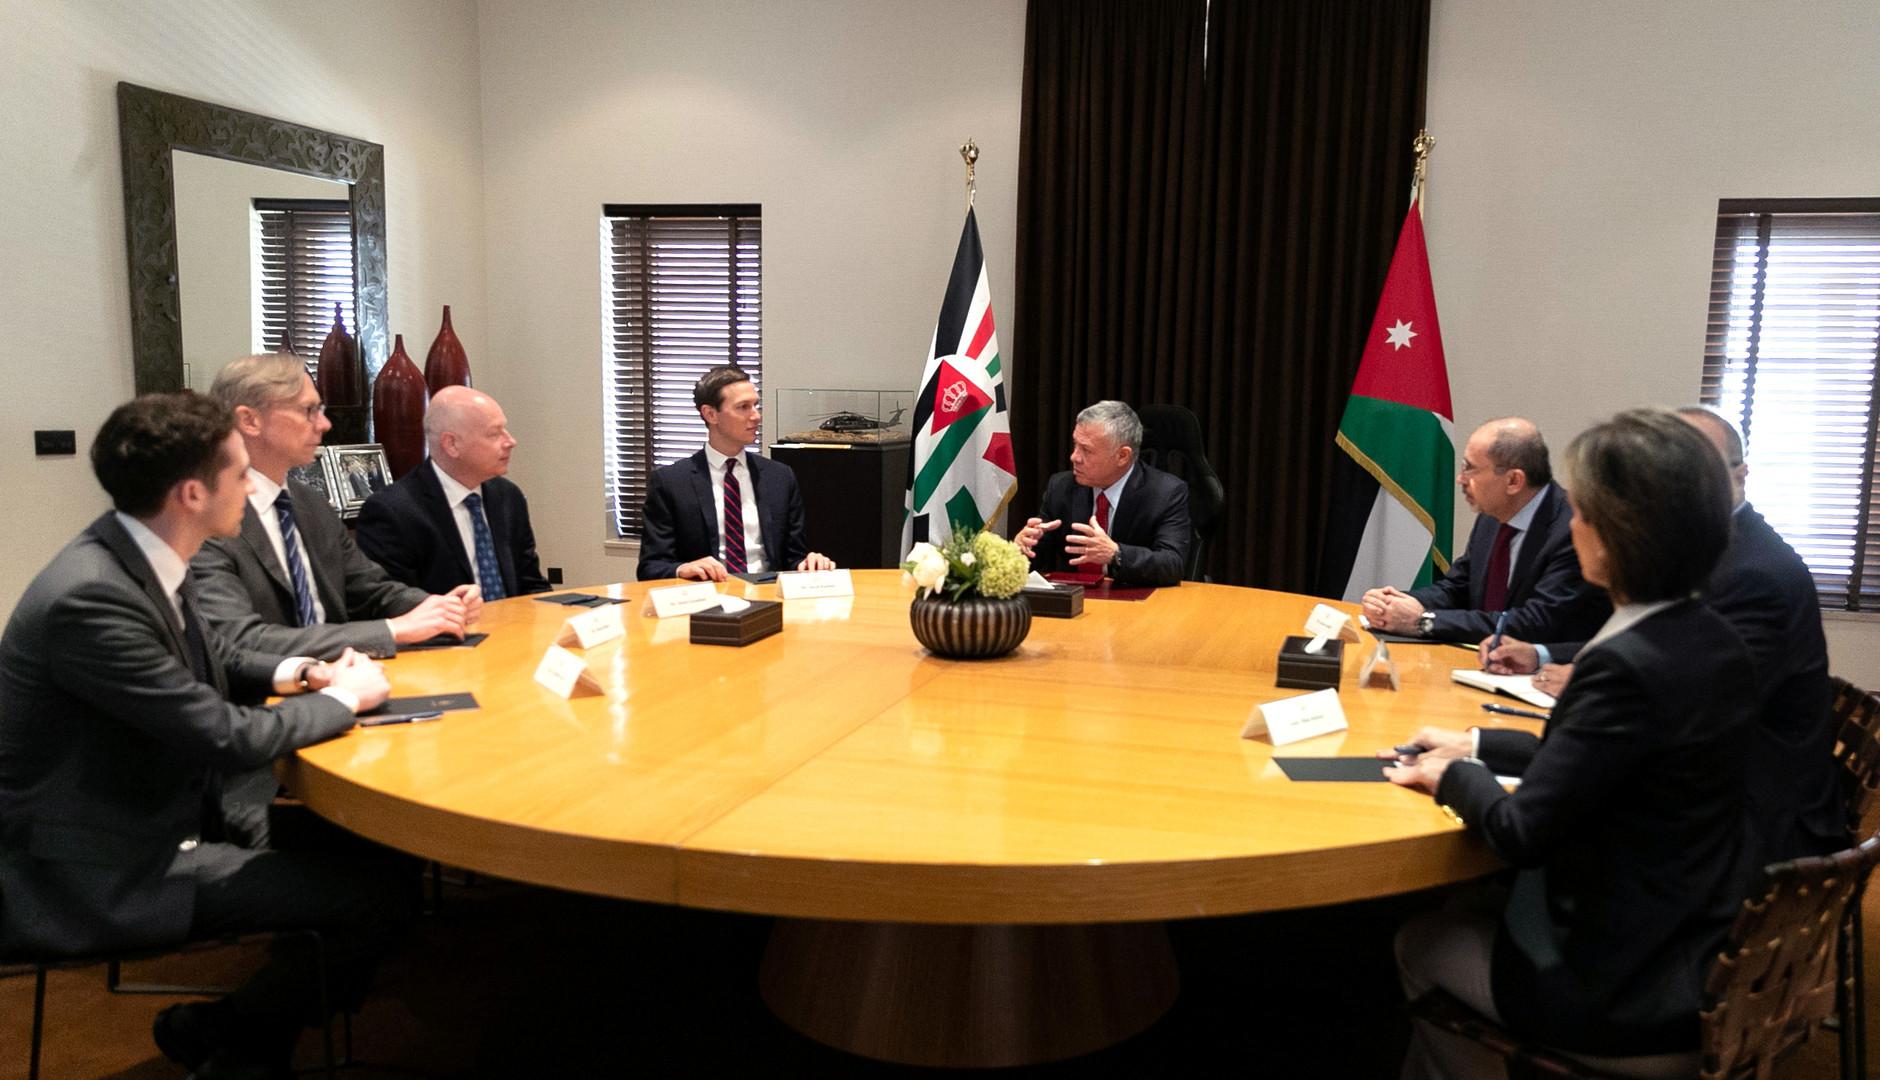 العاهل الأردني يؤكد لكوشنر ضرورة إقامة دولة فلسطينية عاصمتها القدس الشرقية